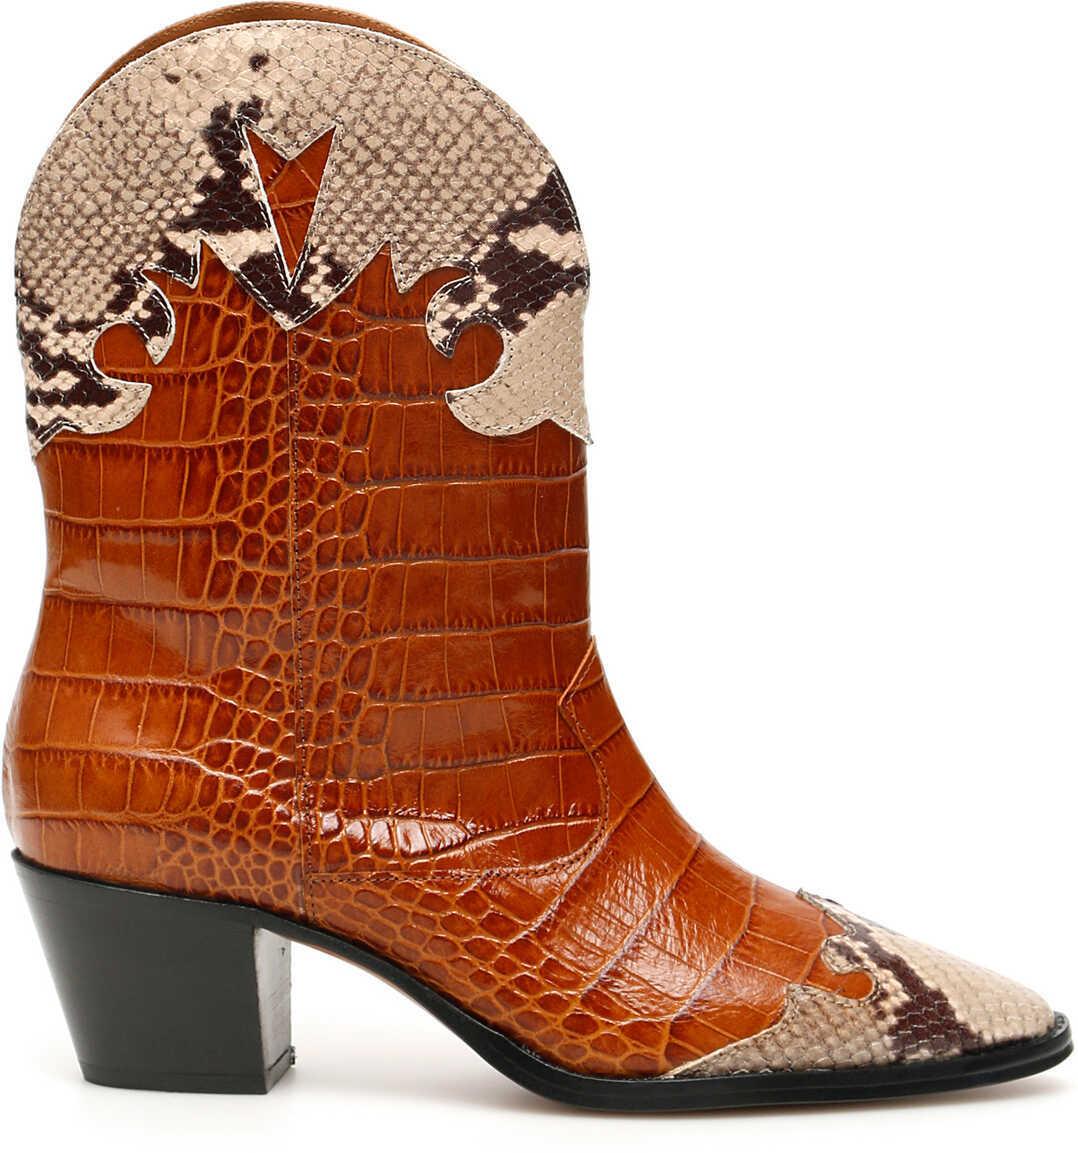 Paris Texas Crocodile And Python Print Cowboy Boots COGNAC NATURALE